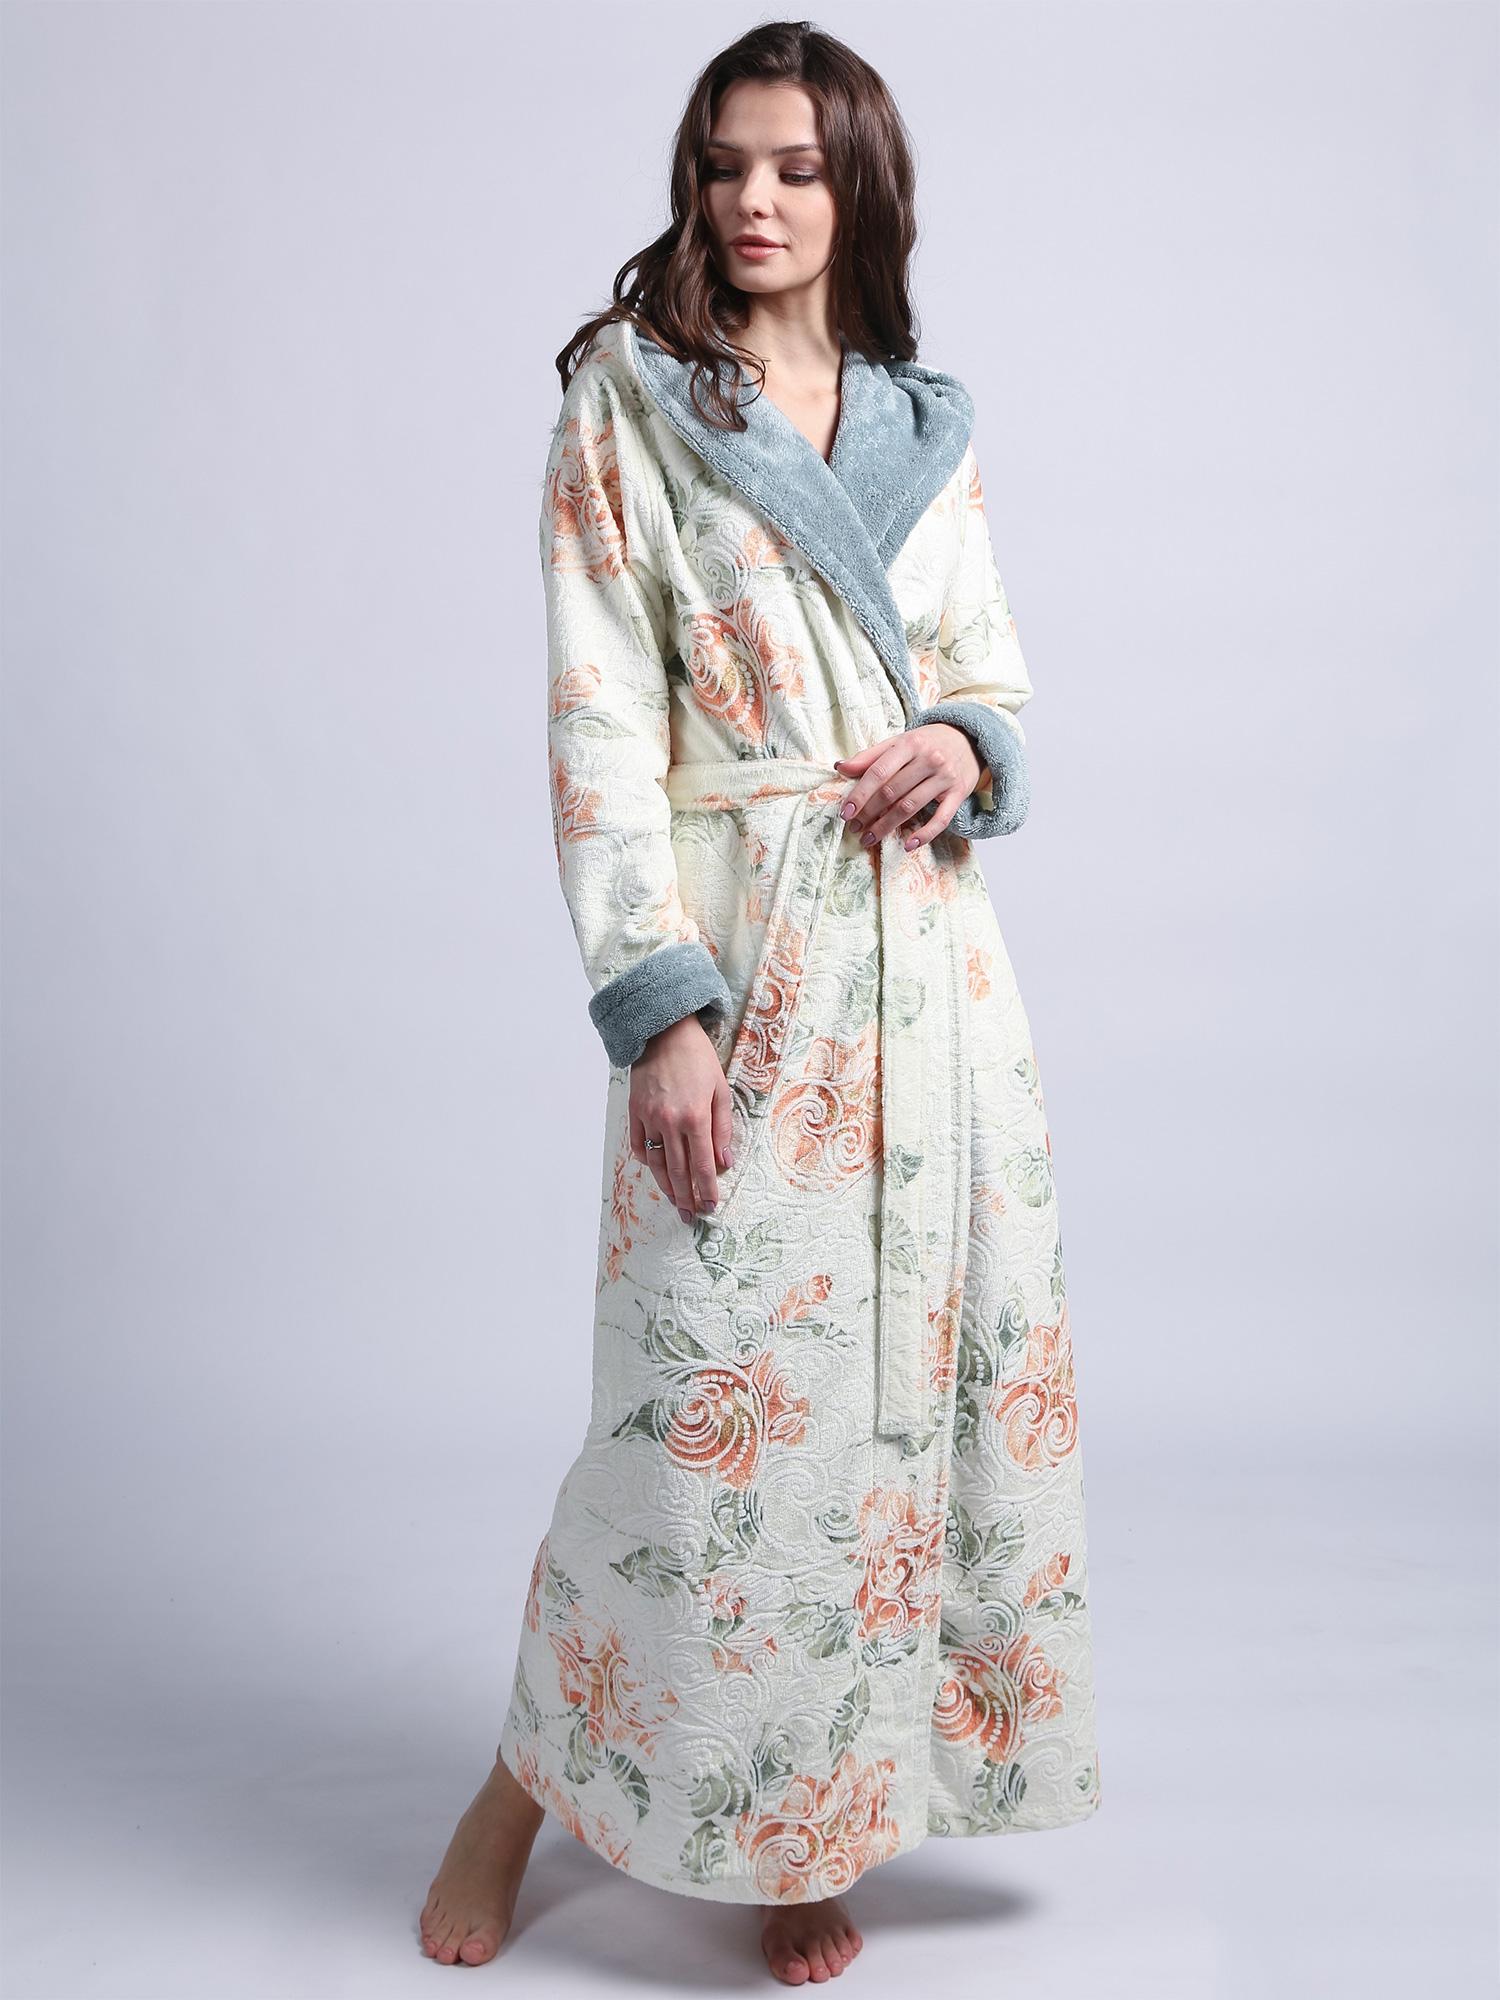 Женский длинный халат с капюшоном 1111 Rosaline серо-голубой Wien